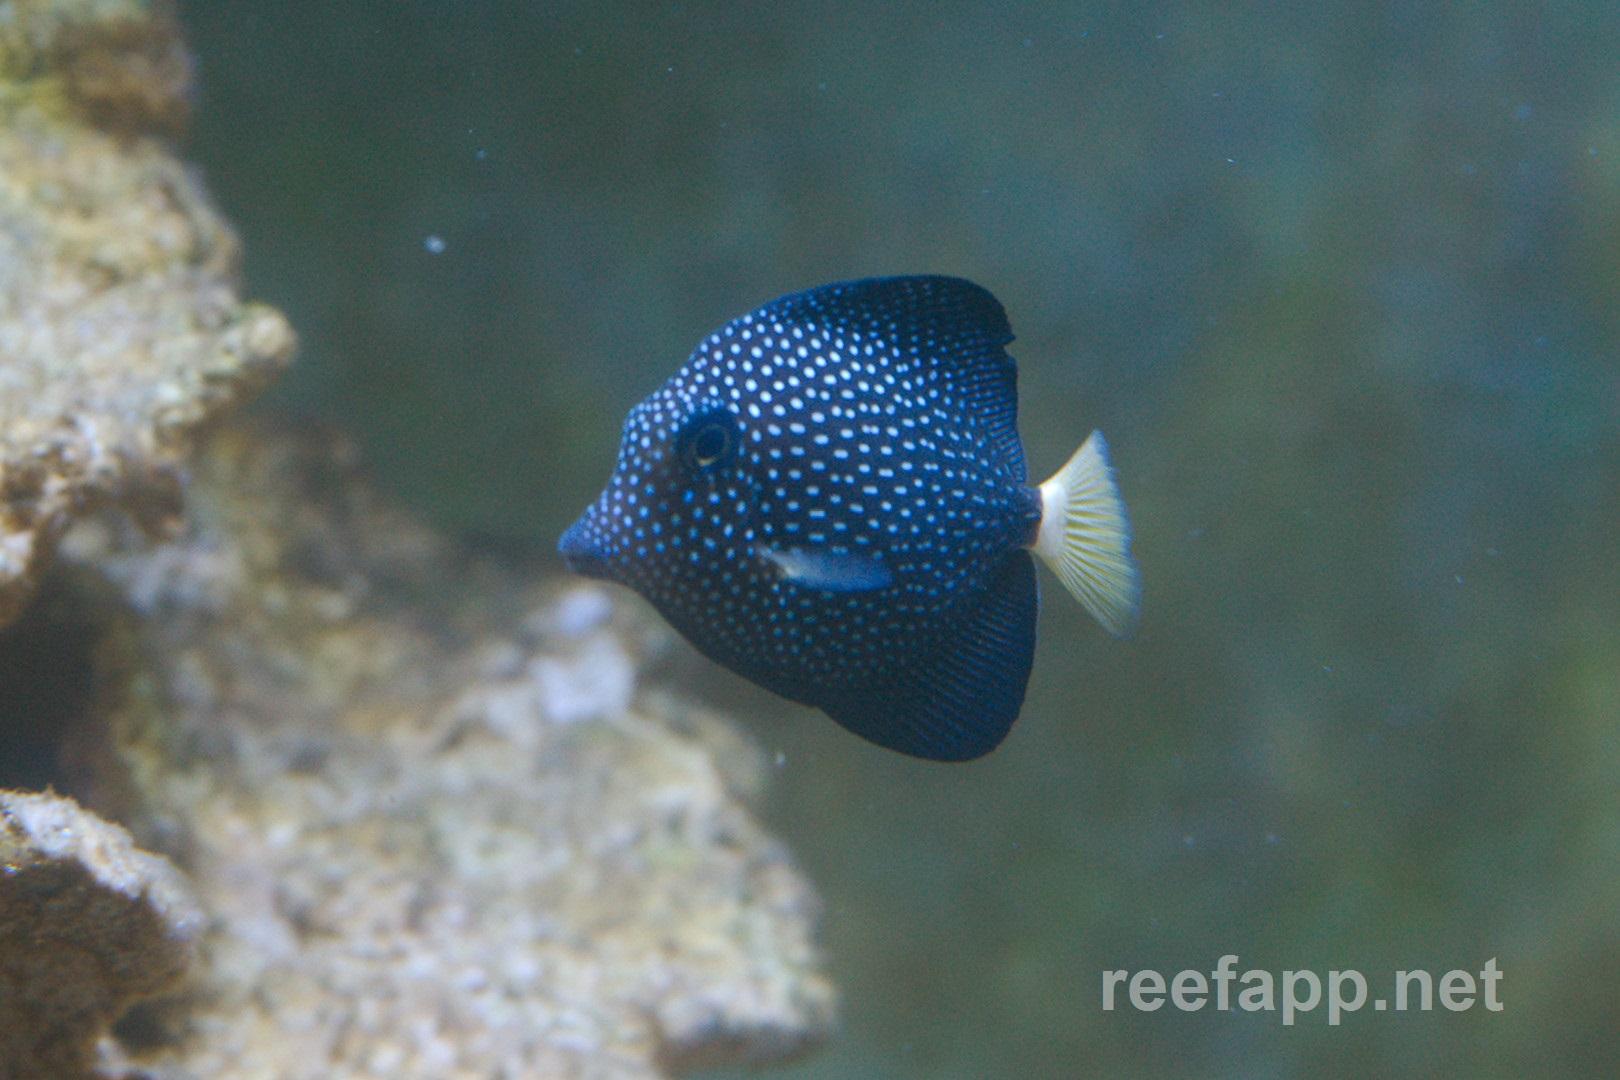 Spotted tang (Zebrasoma gemmatum) in aquarium.